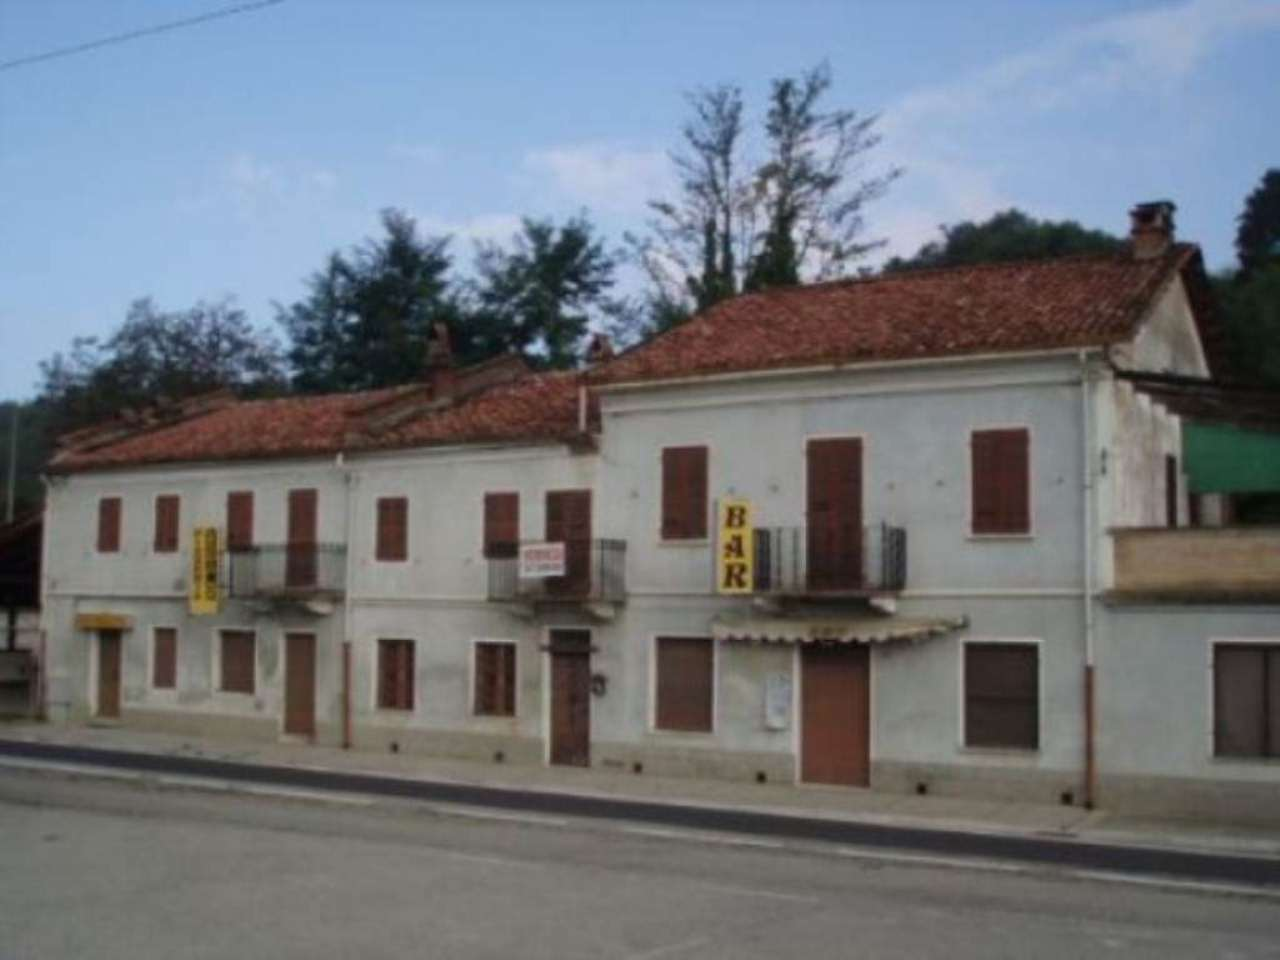 Rustico / Casale in vendita a Aramengo, 6 locali, prezzo € 190.000 | CambioCasa.it